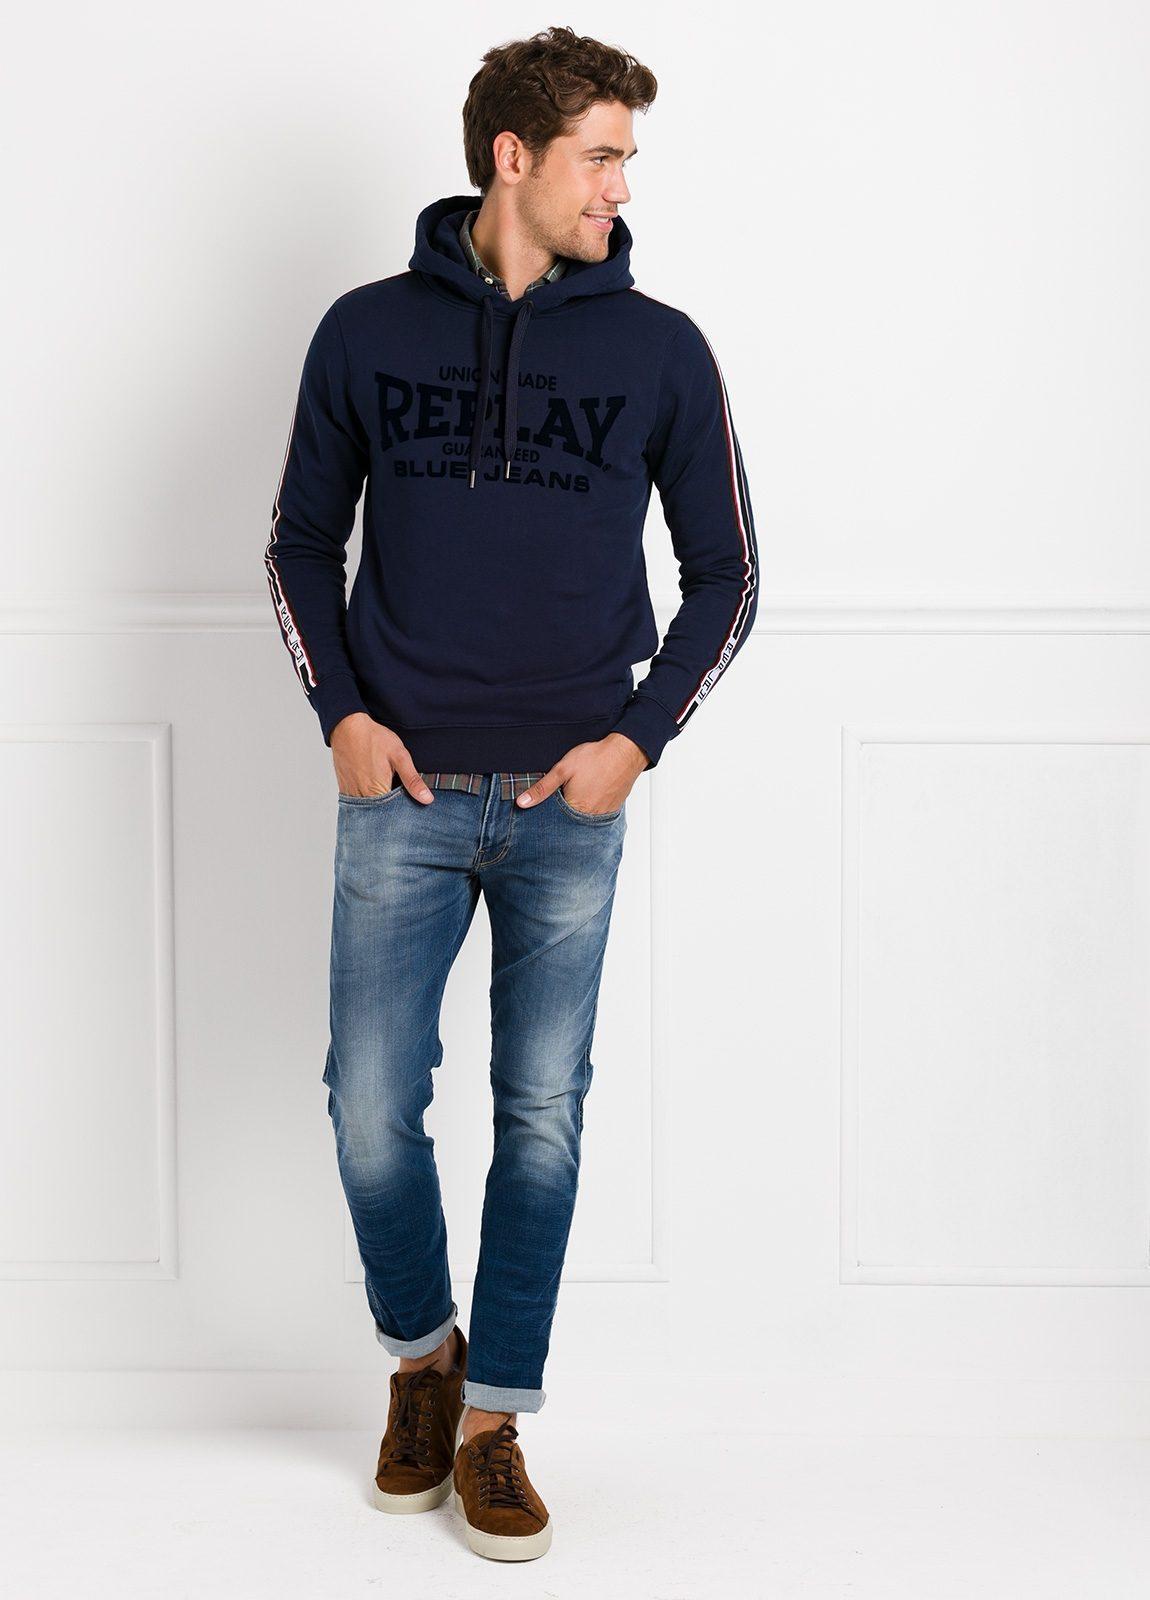 Sudadera con capucha, color azul noche con logotipo estampado. 100% Algodón.